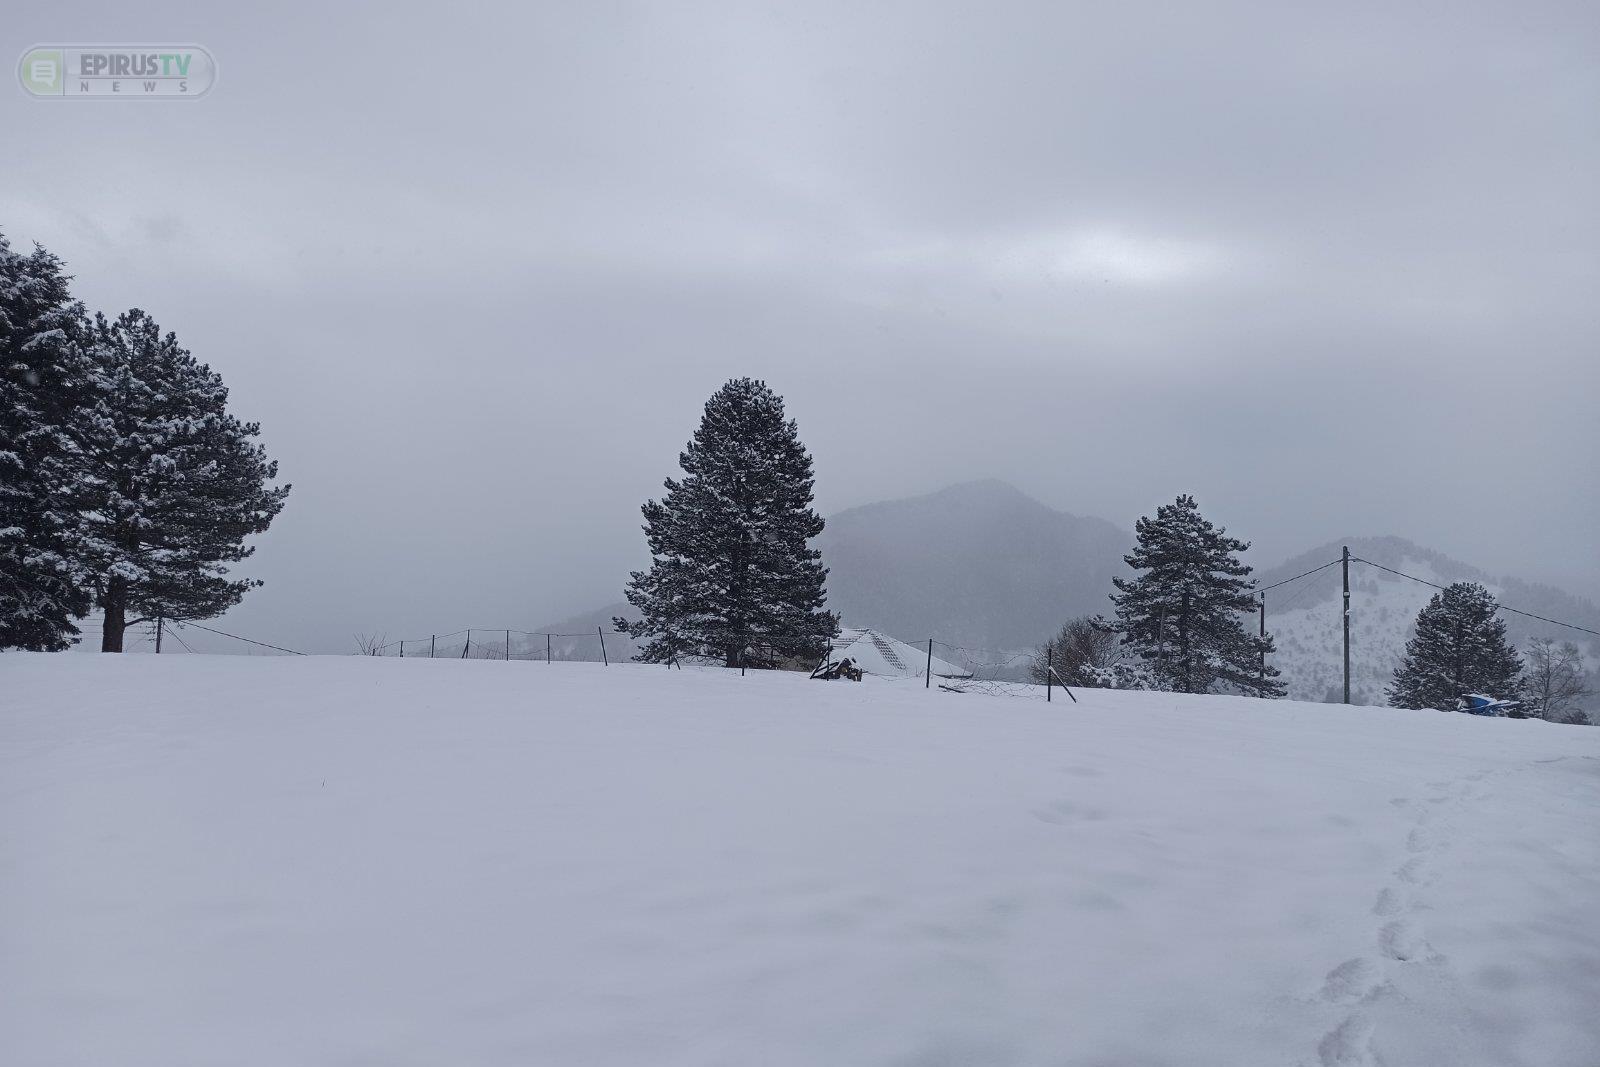 Ιωάννινα - Κακοκαιρία Μήδεια: Στα 50 εκατοστά το χιόνι! - Καθαρισμός των δρόμων λόγω παγετού